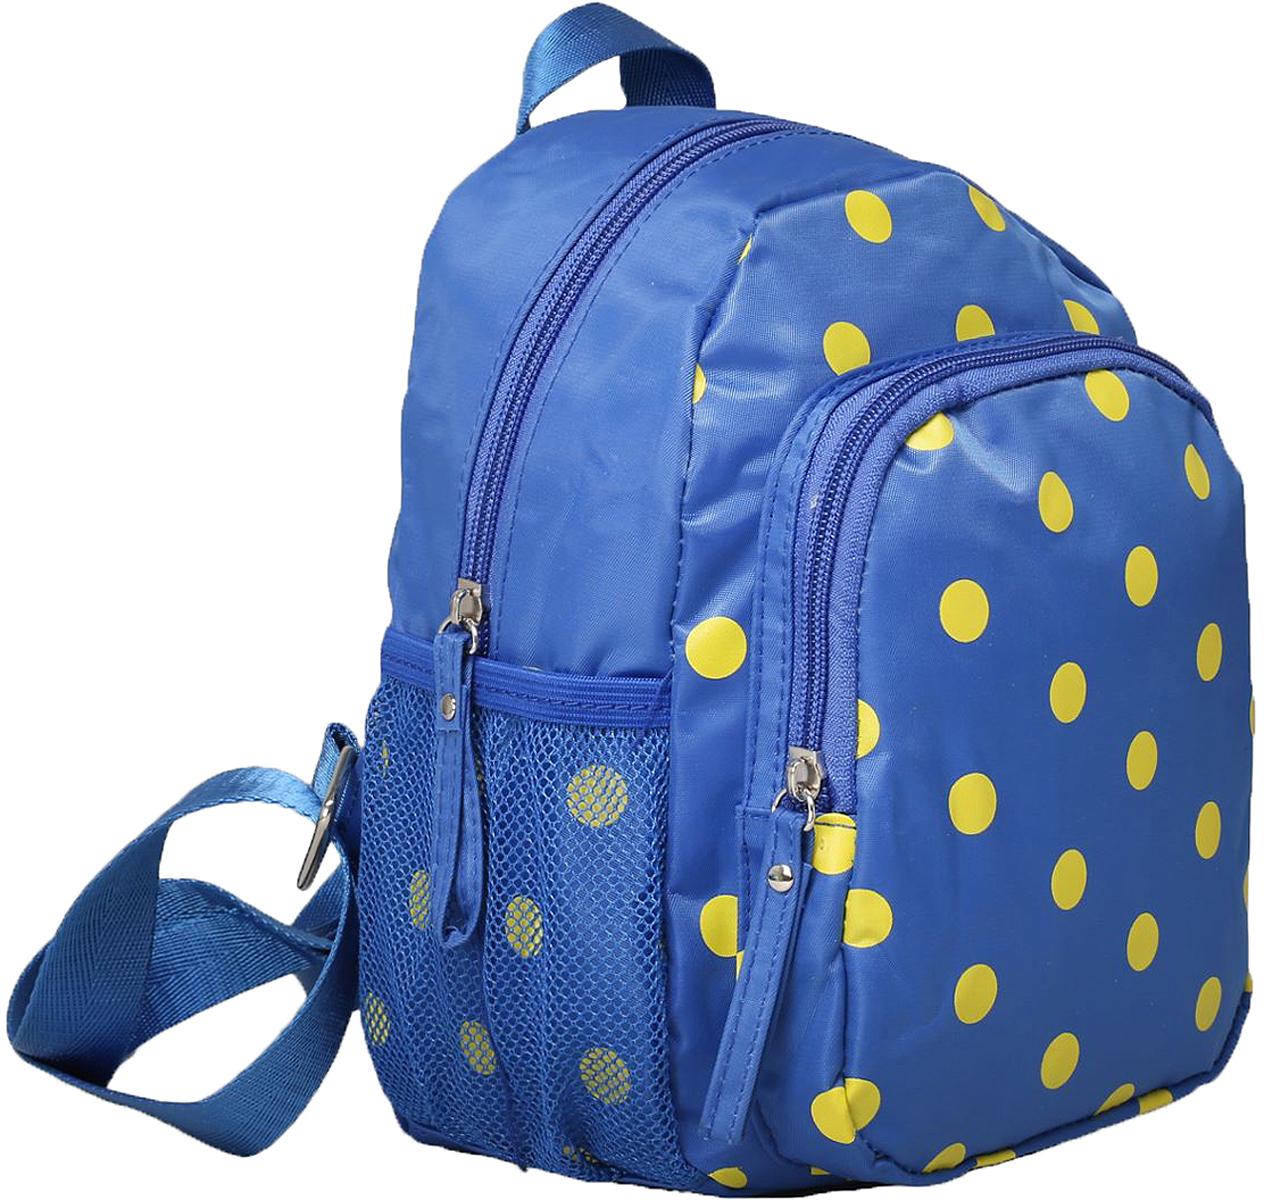 Рюкзак детский Горошек цвет синий 1470166, NoName